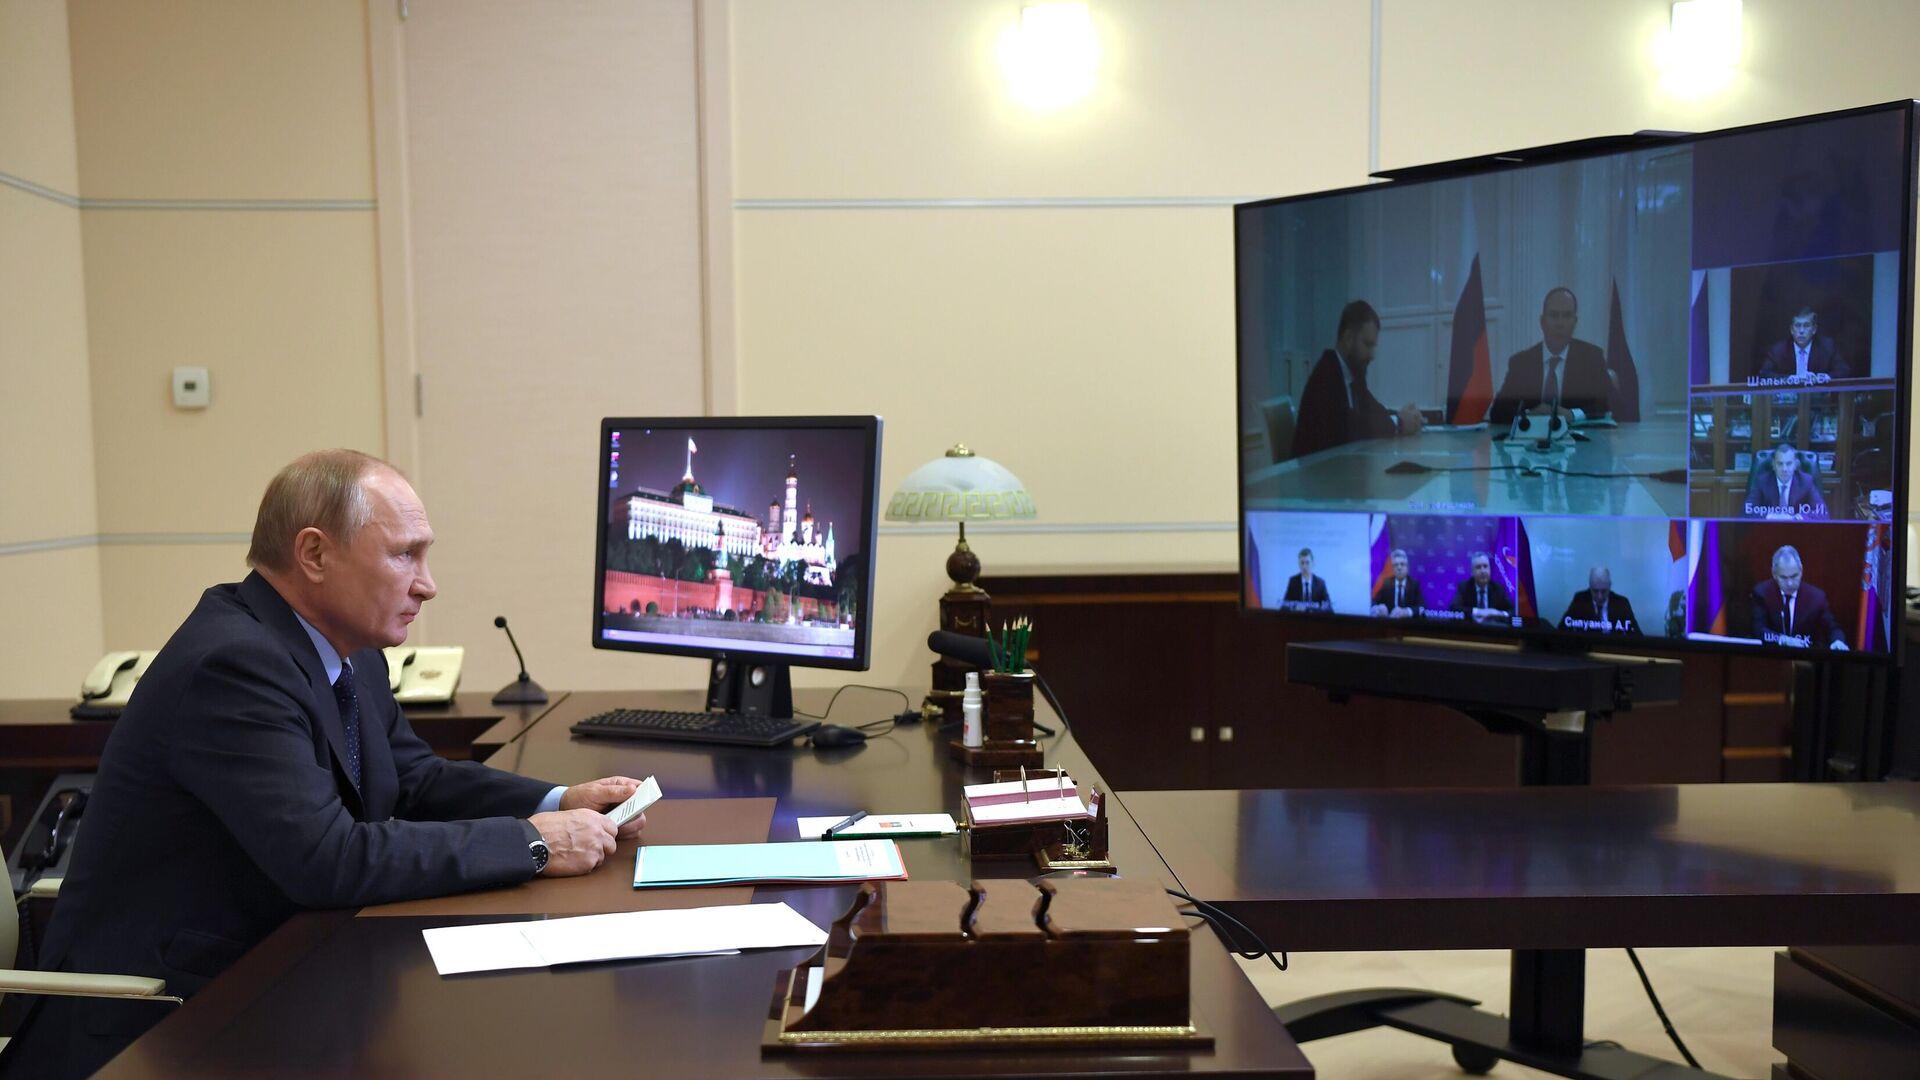 Президент РФ Владимир Путин во время совещания в режиме видеоконференции по финансированию и развитию космической отрасли - РИА Новости, 1920, 02.11.2020